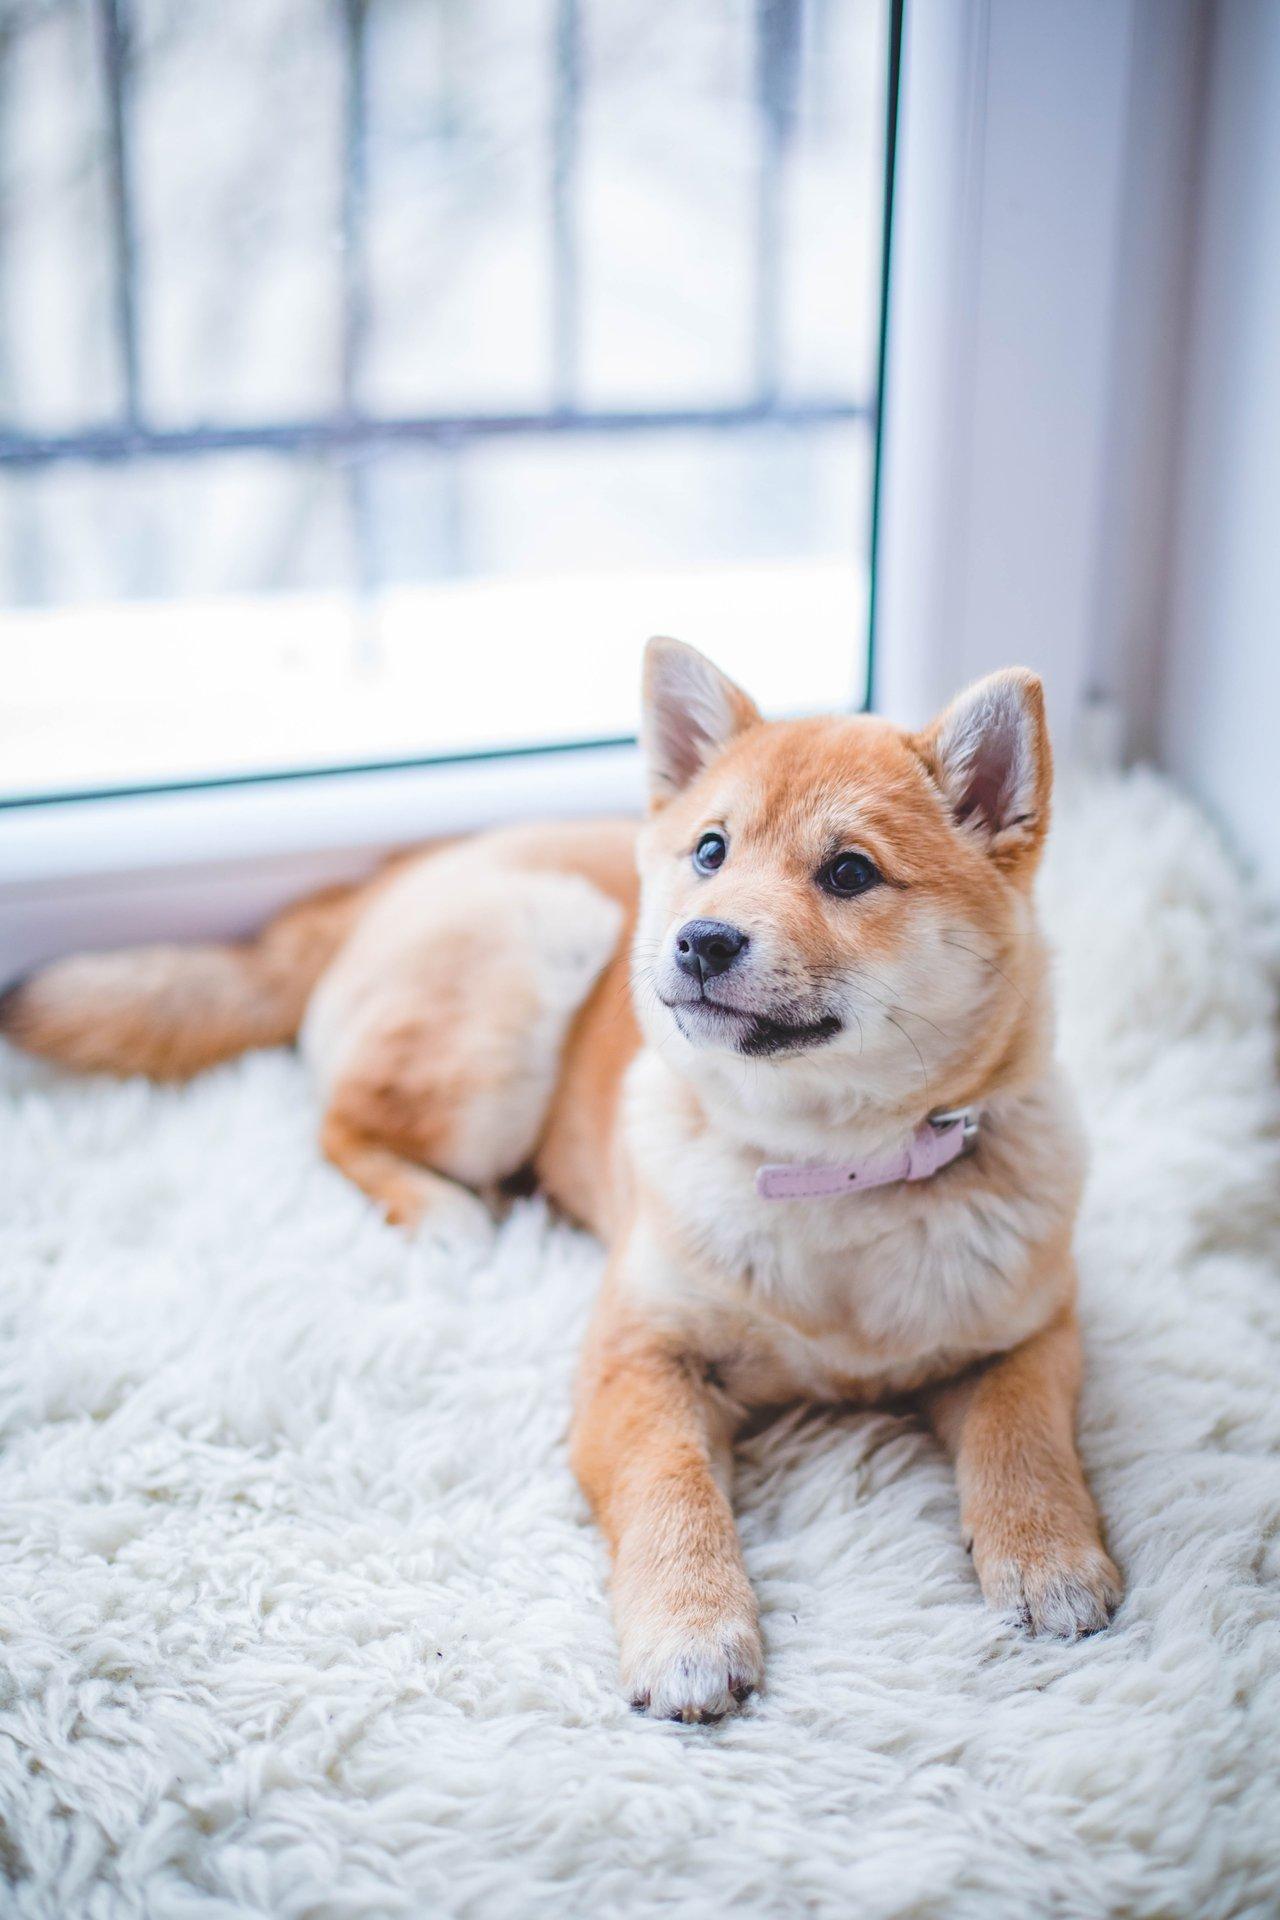 Besonders für Besitzer von behaarten Haustieren ist eine Investition in eine gute Fusselrolle sinnvoll.